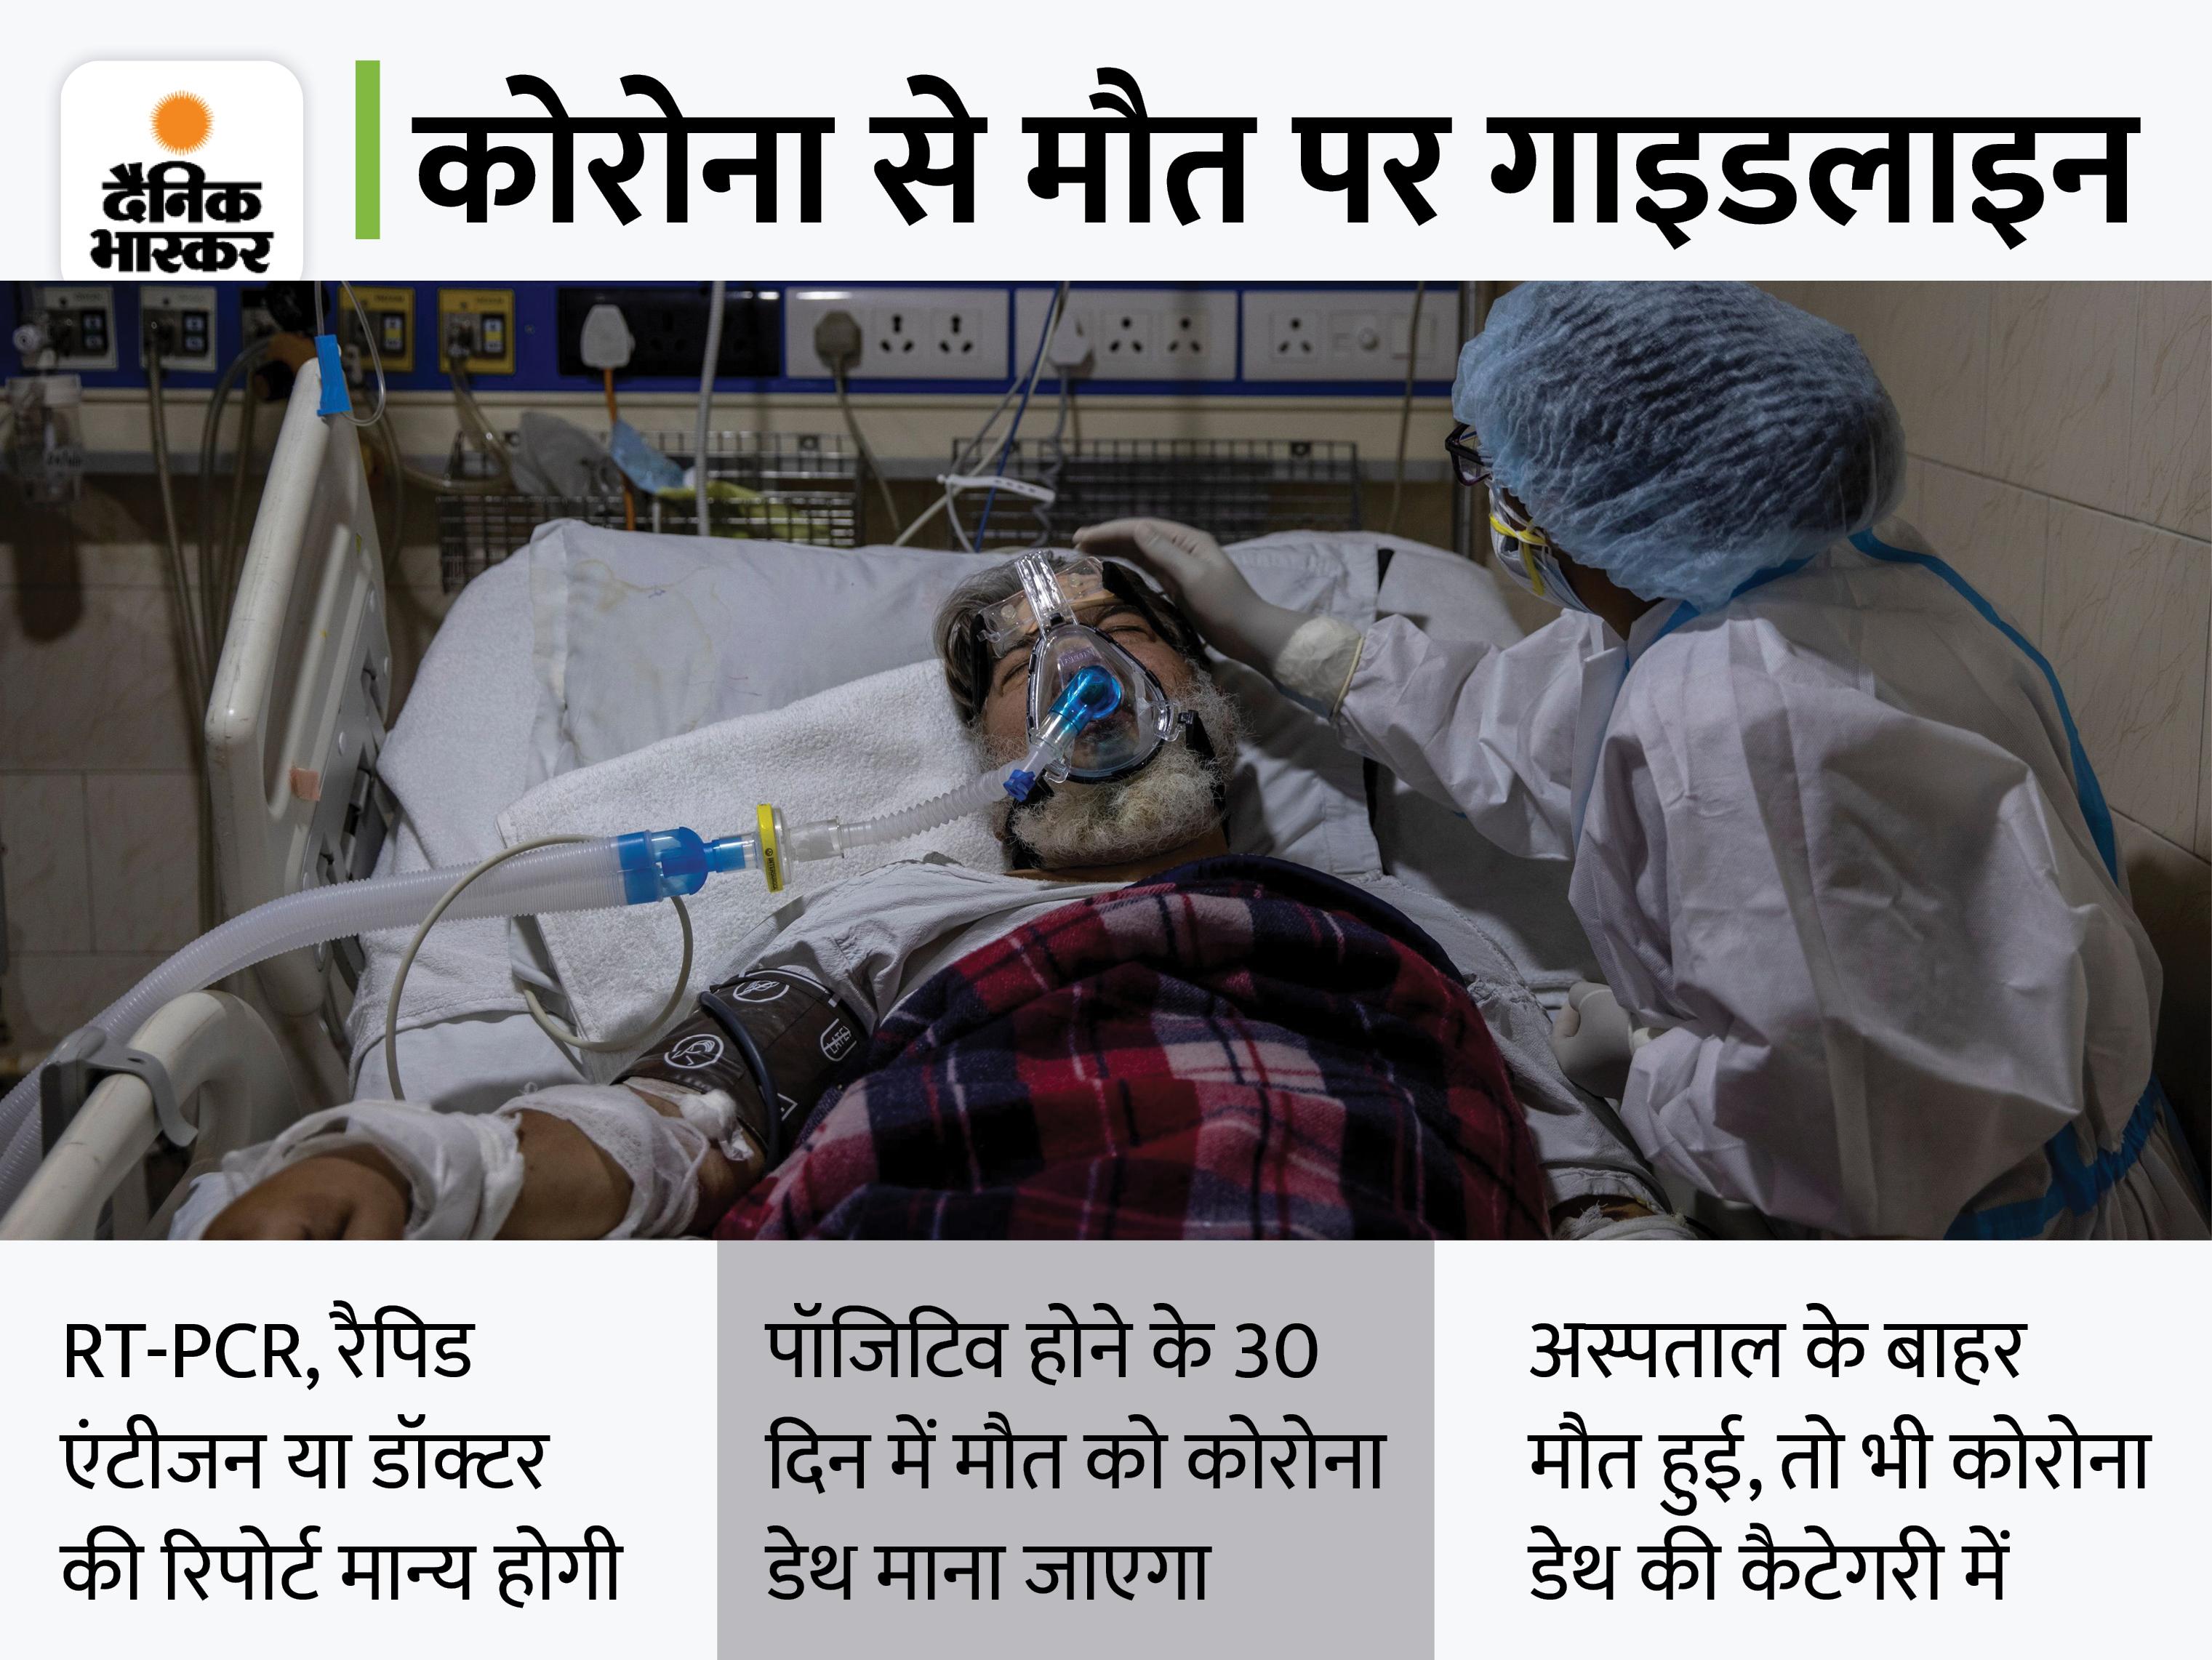 डेथ सर्टिफिकेट पर होगा कोरोना से मौत का जिक्र, सुप्रीम कोर्ट की सख्ती के 10 दिन बाद सरकार ने जारी की गाइडलाइन|देश,National - Dainik Bhaskar